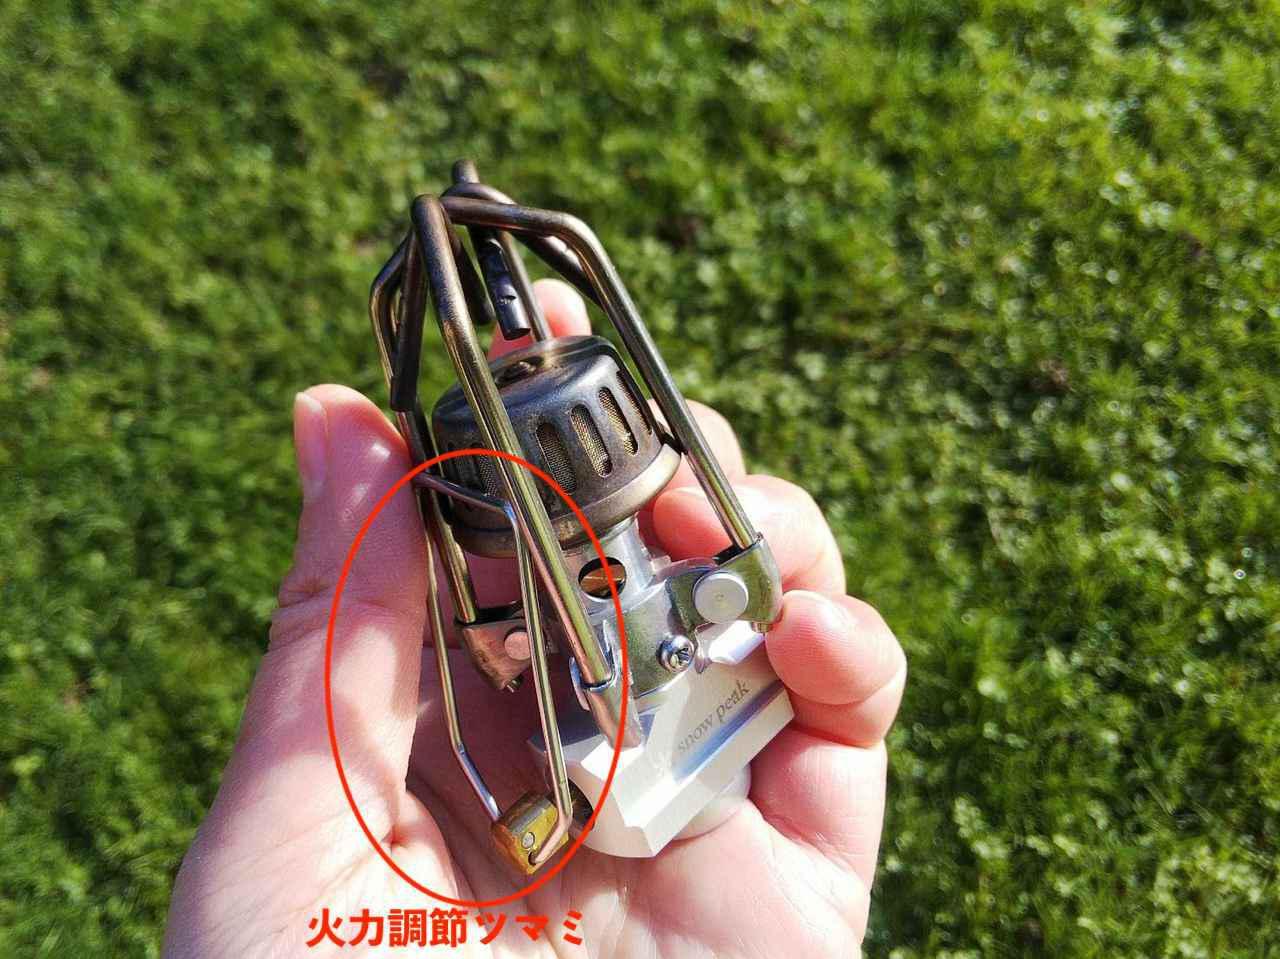 画像: 収納ケースから取り出したストーブ本体 (筆者撮影)